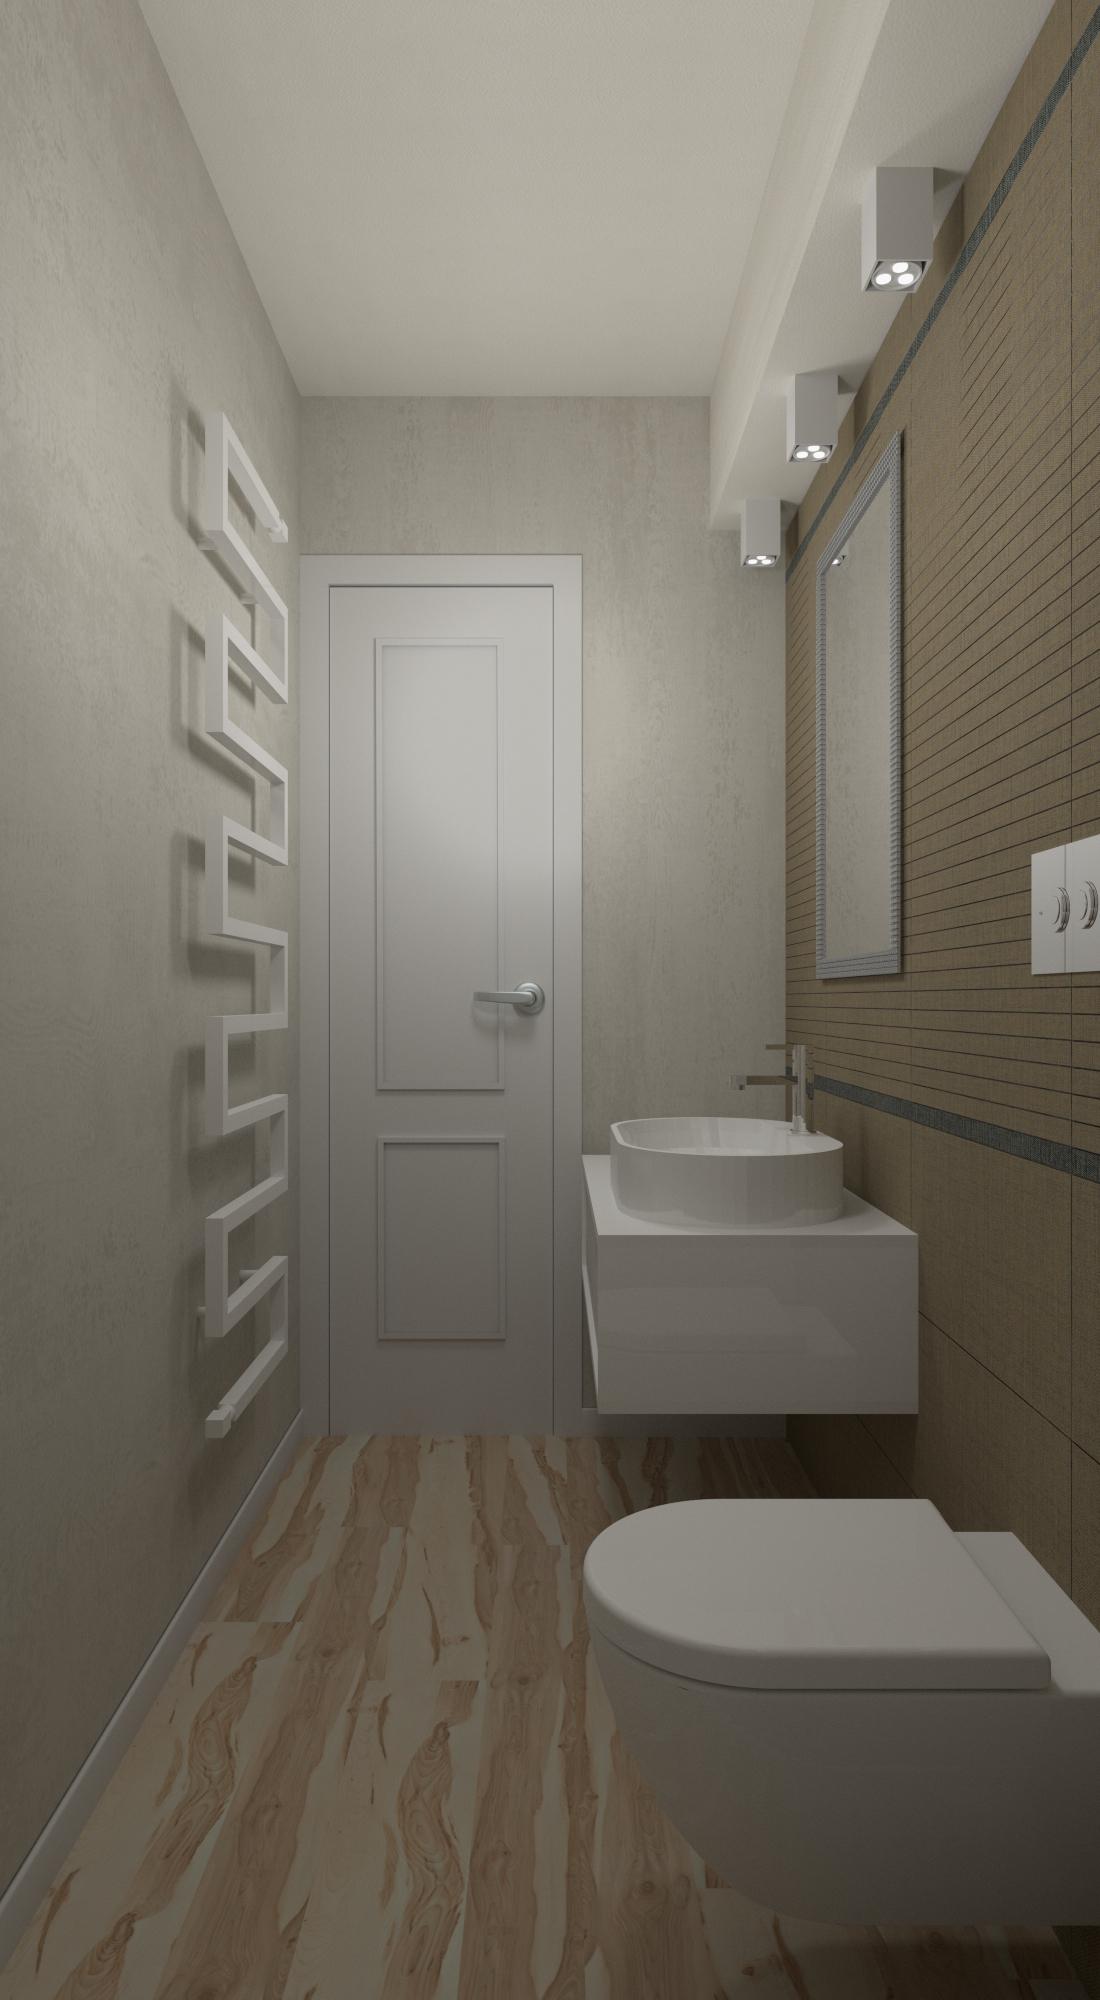 Ceramiche - Configuratore 3d bagno ...